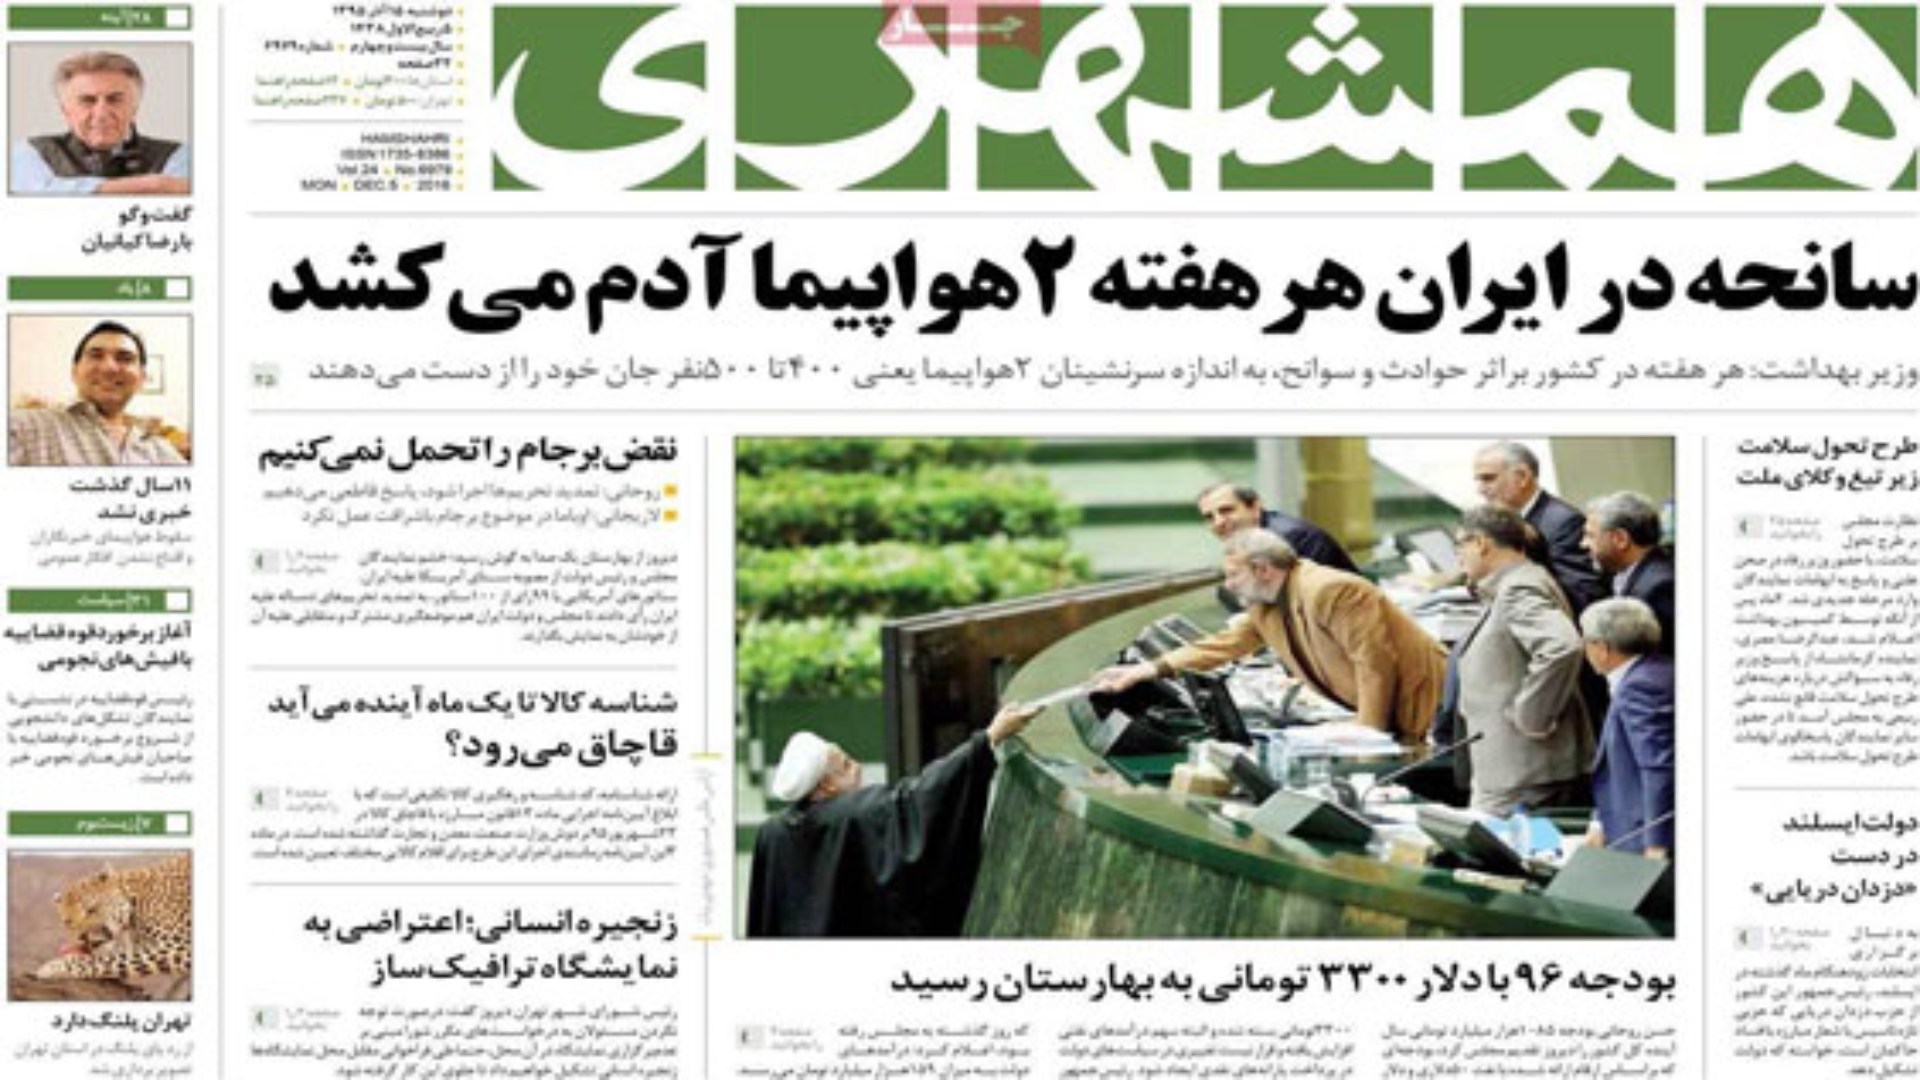 عناوین روزنامههای صبح دوشنبه 15 آذر | فیلم